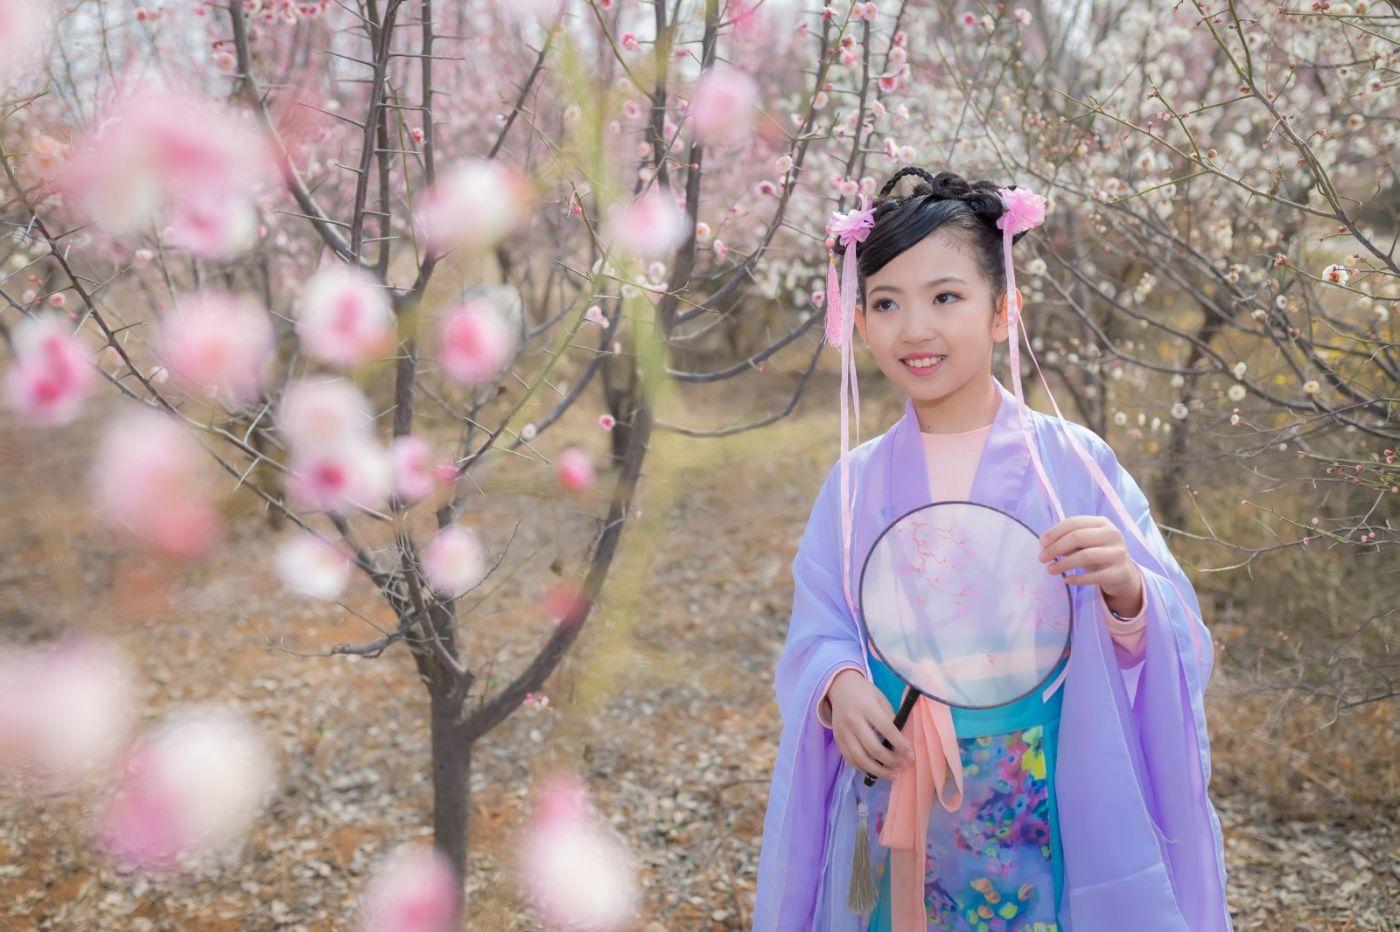 翟家小妮翟雅慧之春到梅园 花儿与少年系列 梅园尽显中国风_图1-19